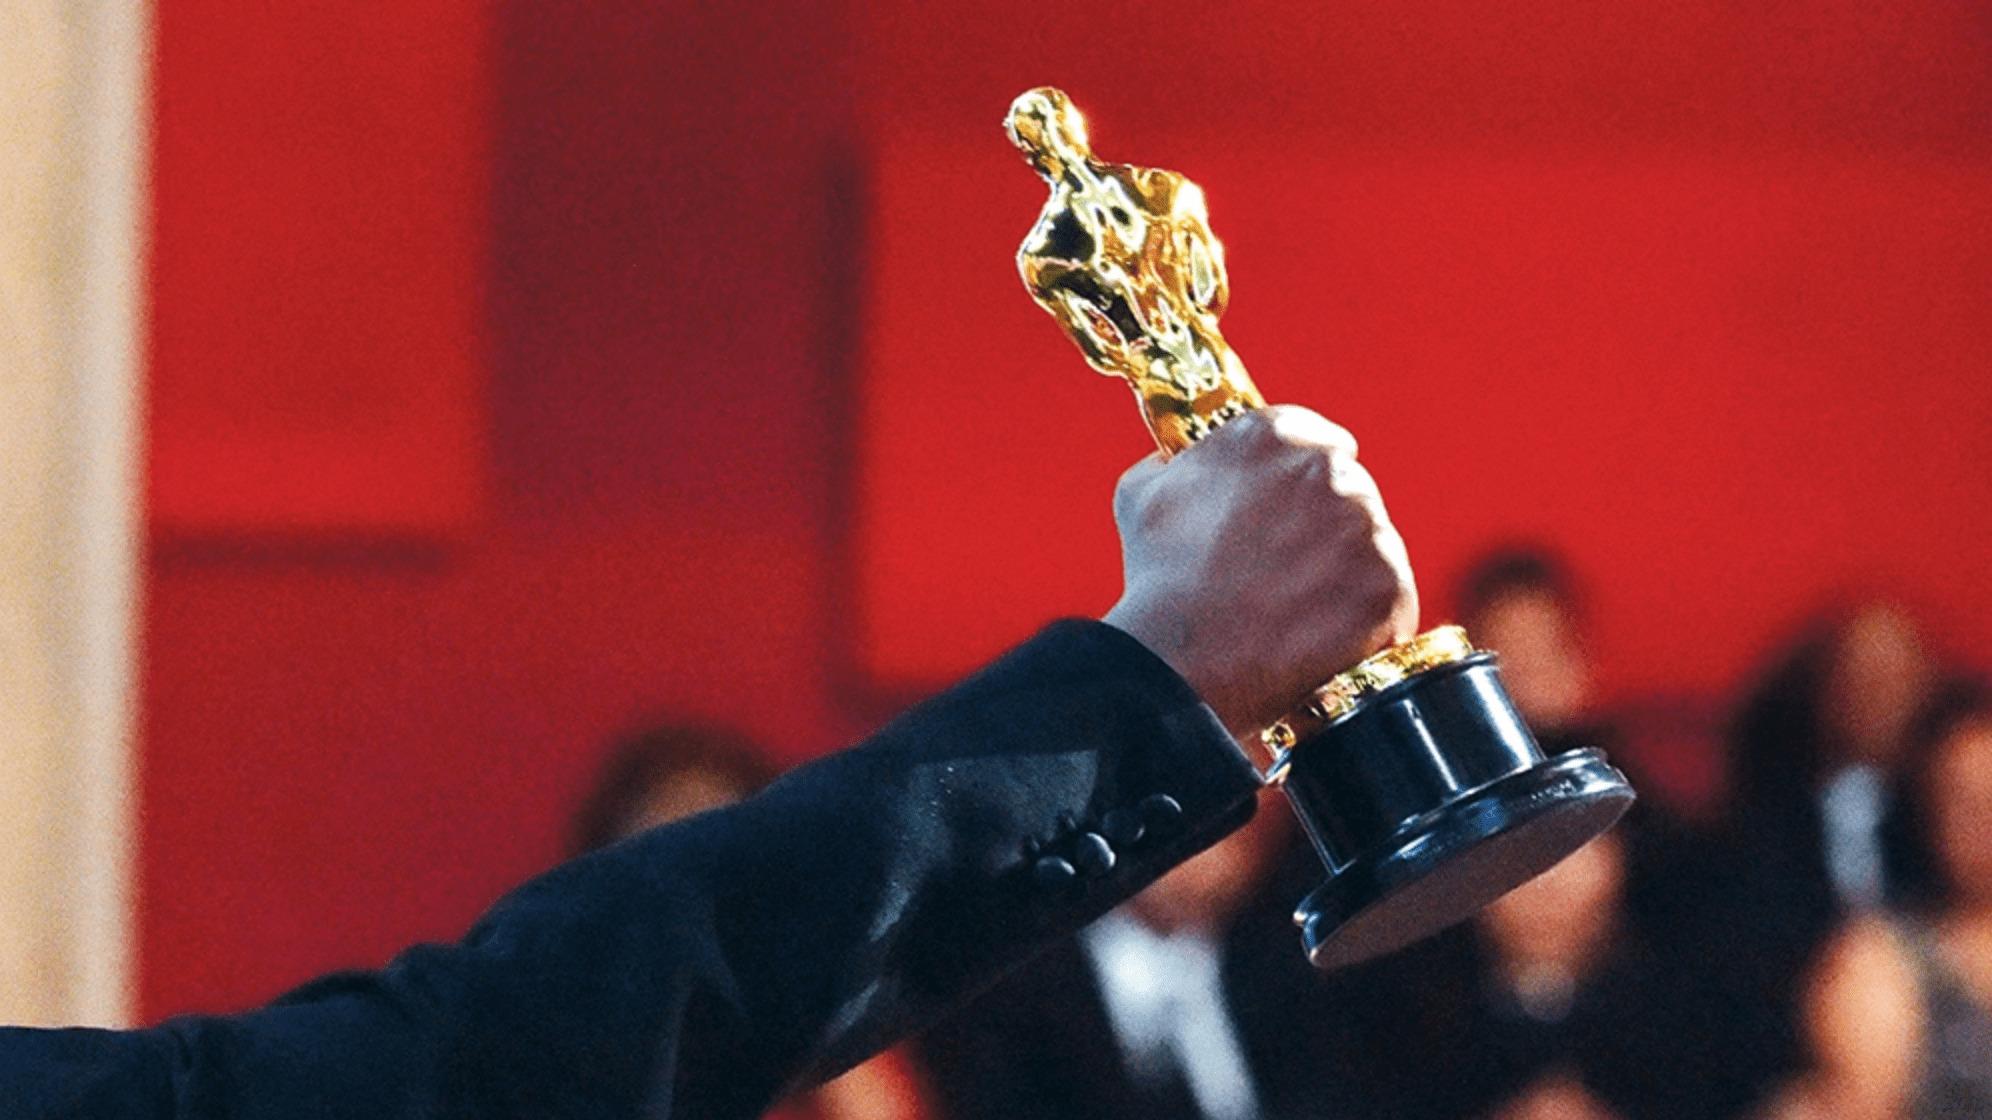 Гайд по номинантам на премию «Оскар 2021»: от «Манка» и «Земли кочевников» до «Души» и «Довода»